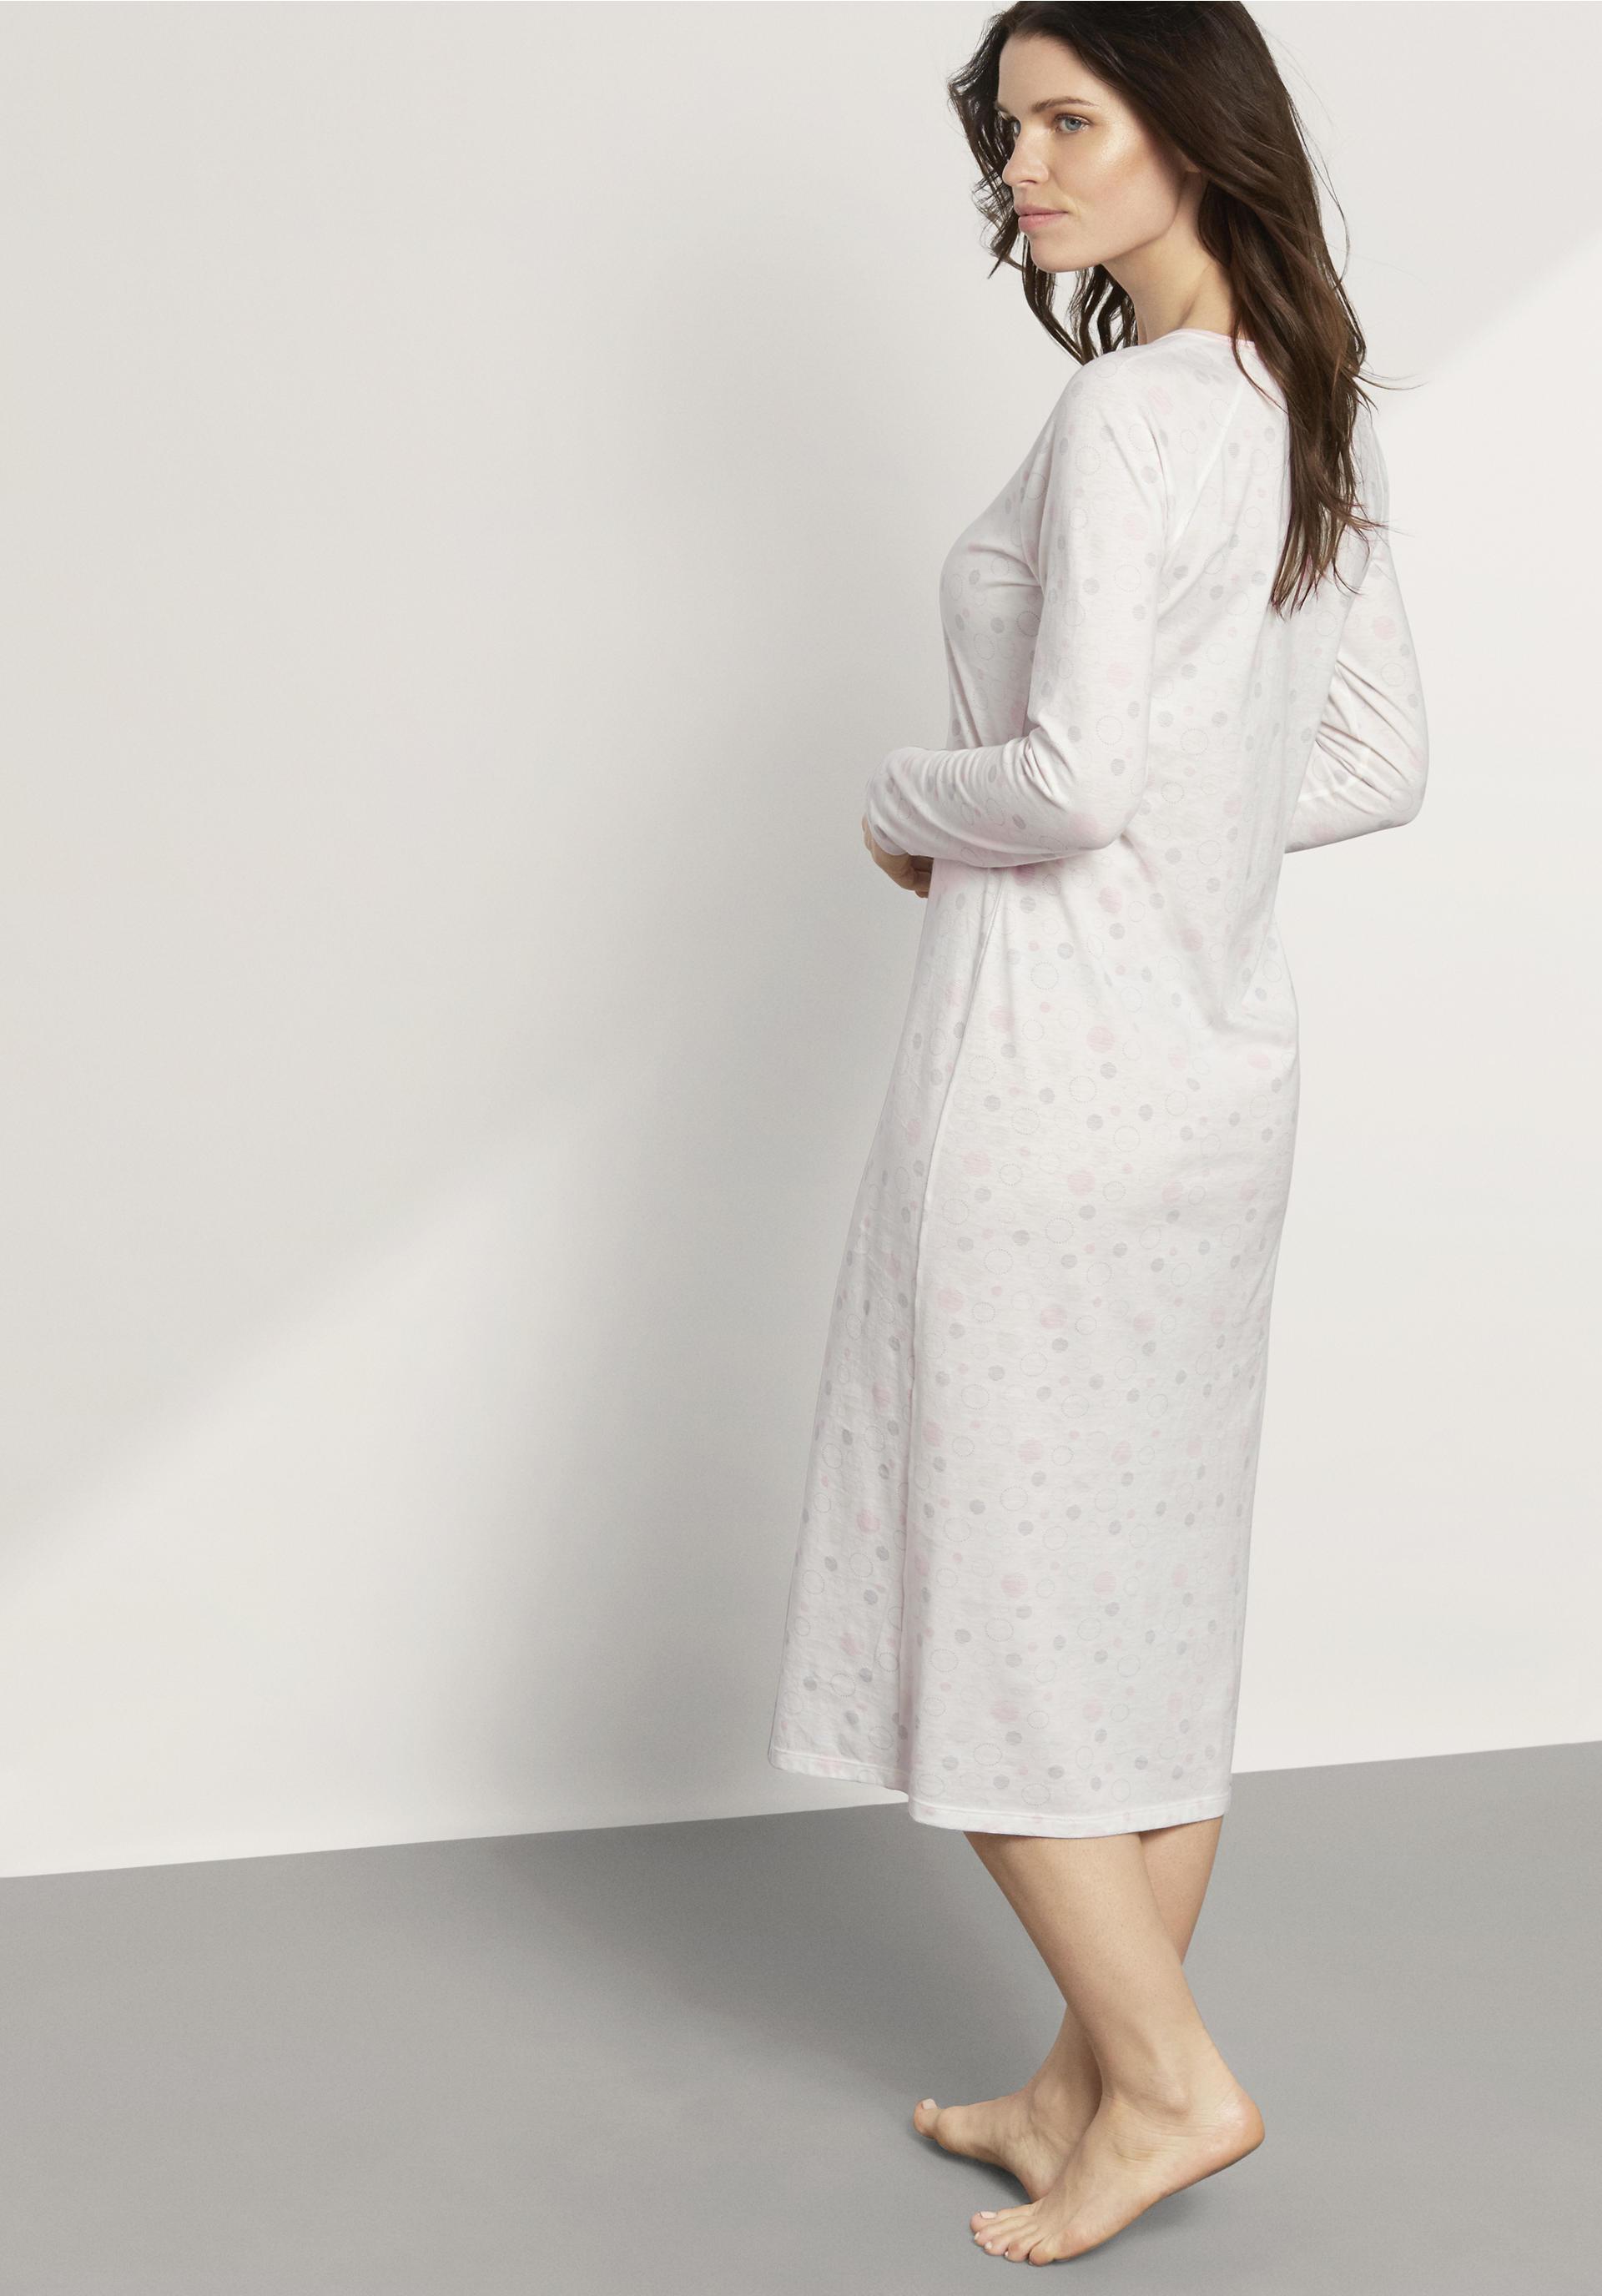 bd2924a5444f49 Damen Nachthemd aus reiner Bio-Baumwolle - hessnatur Österreich